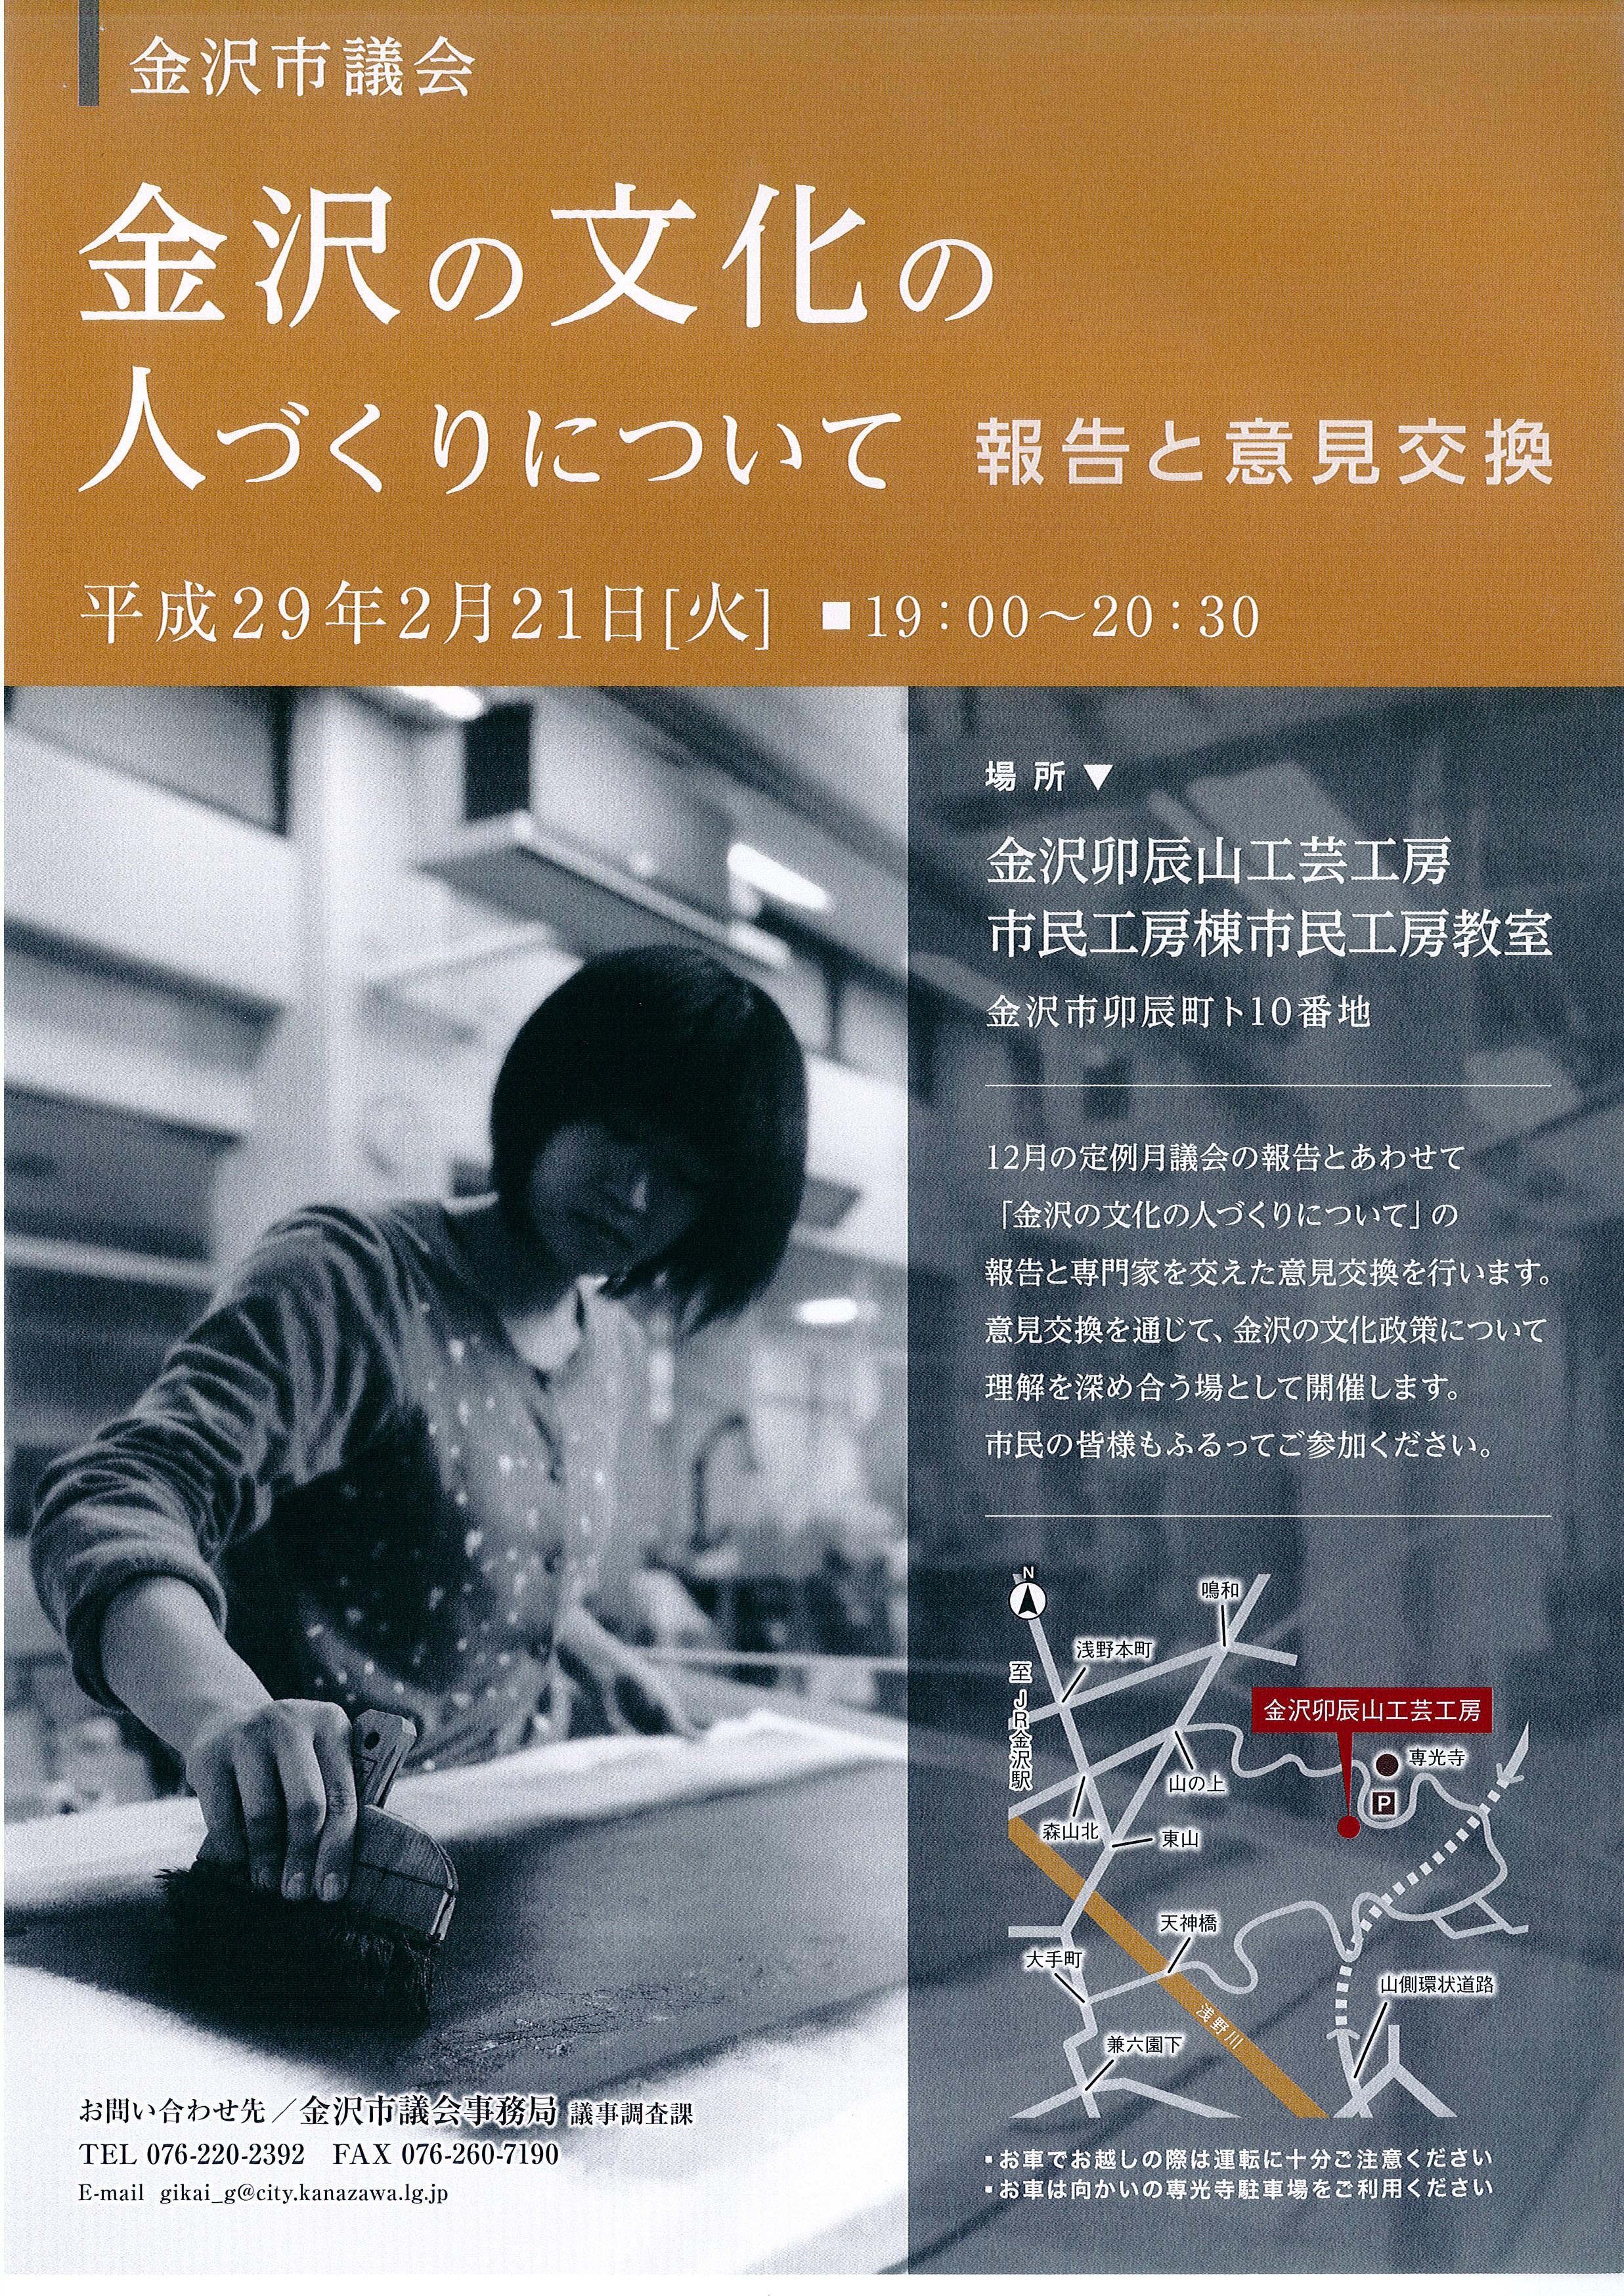 金沢の文化